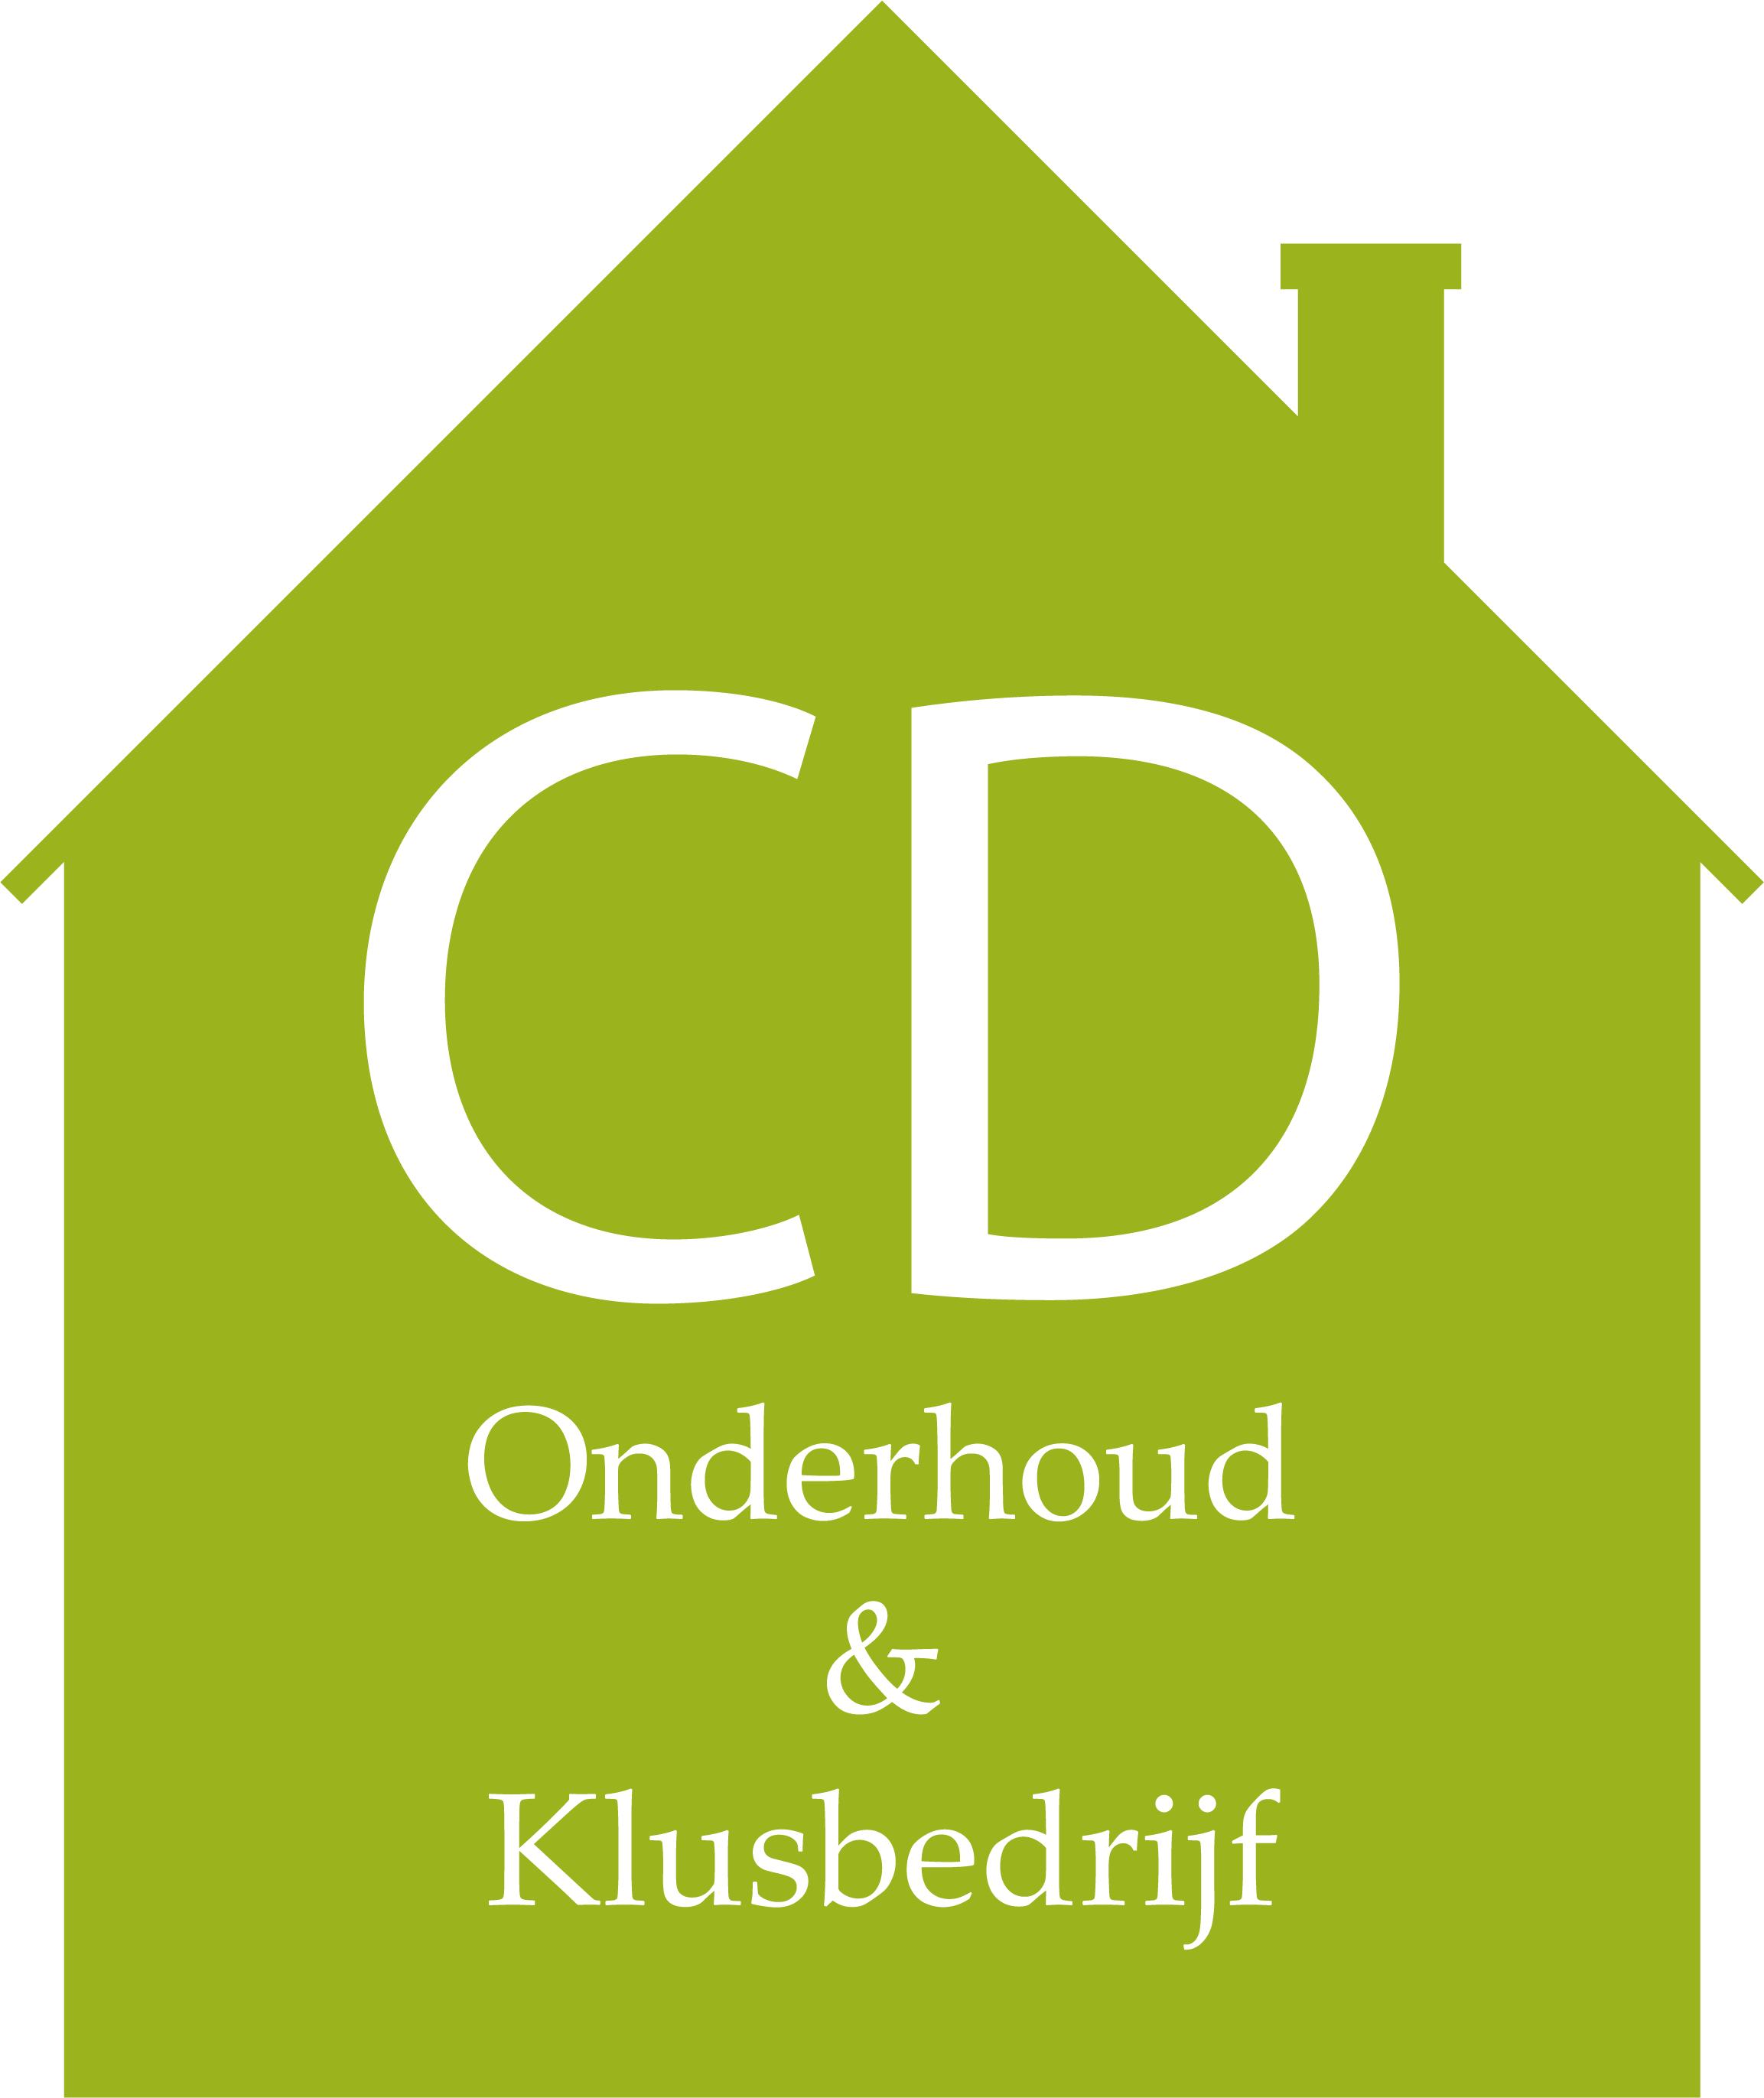 CD Onderhoud & Klusbedrijf